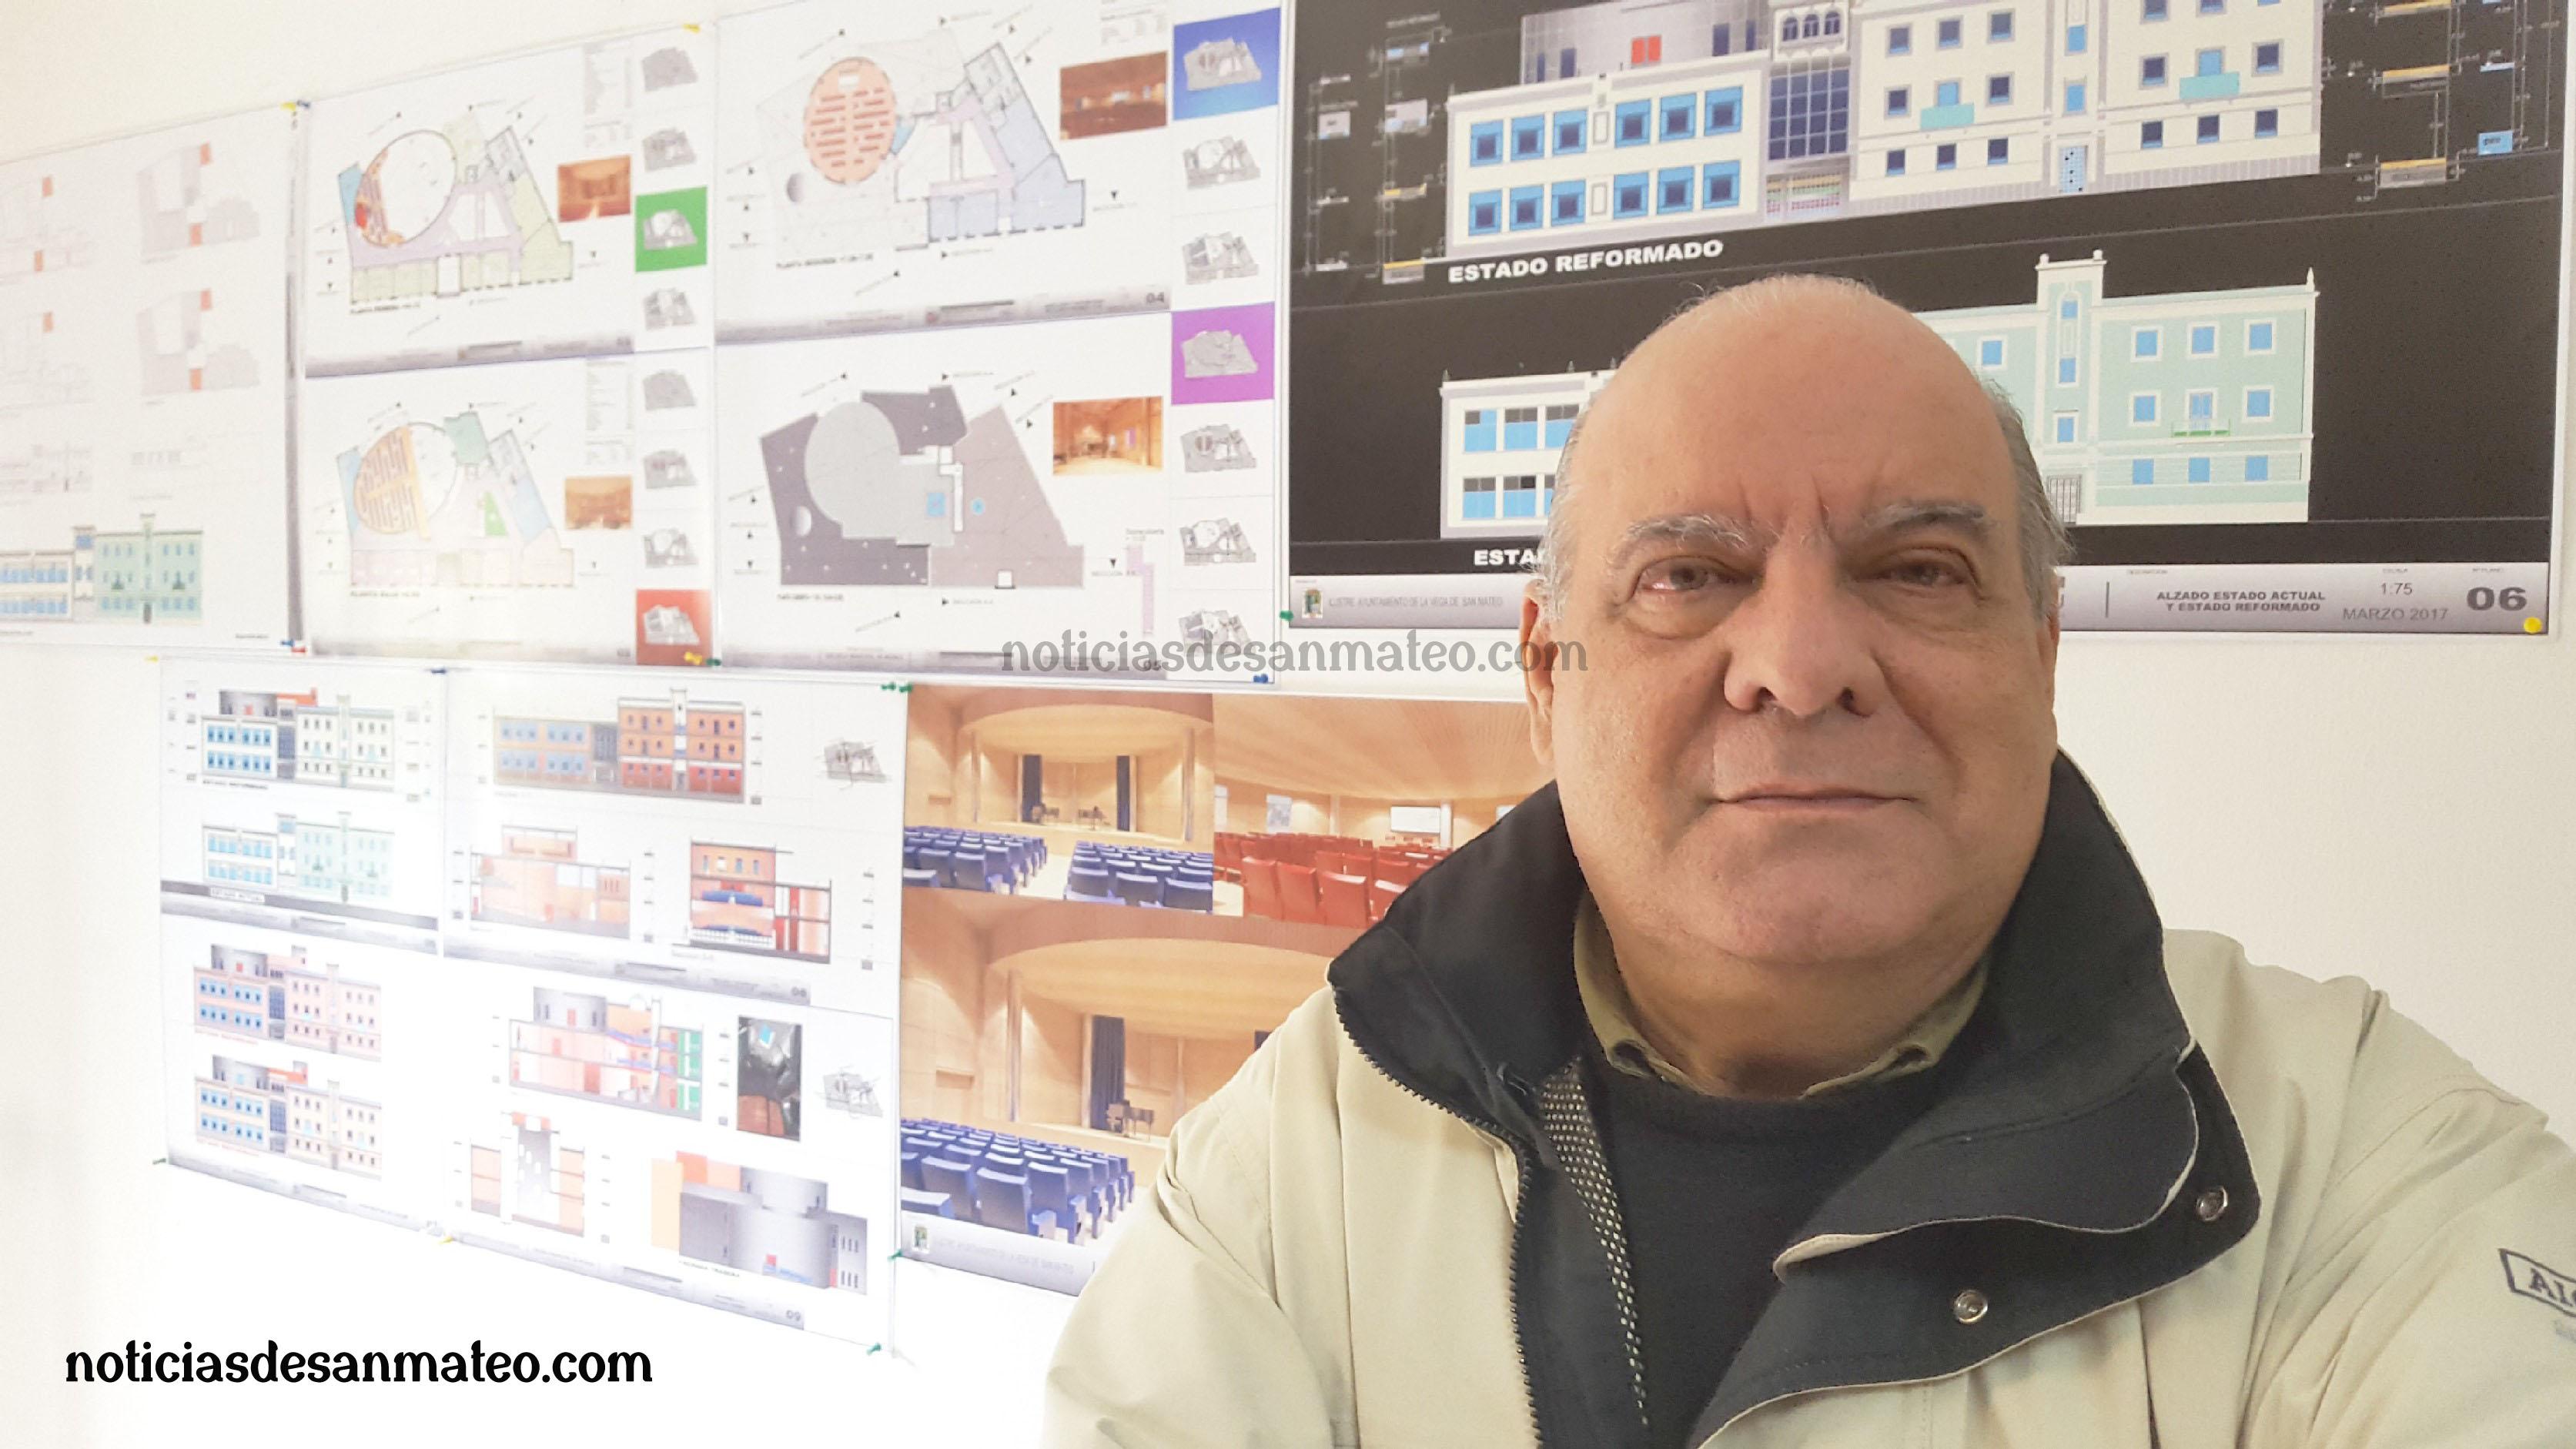 Enrique Ruiz web